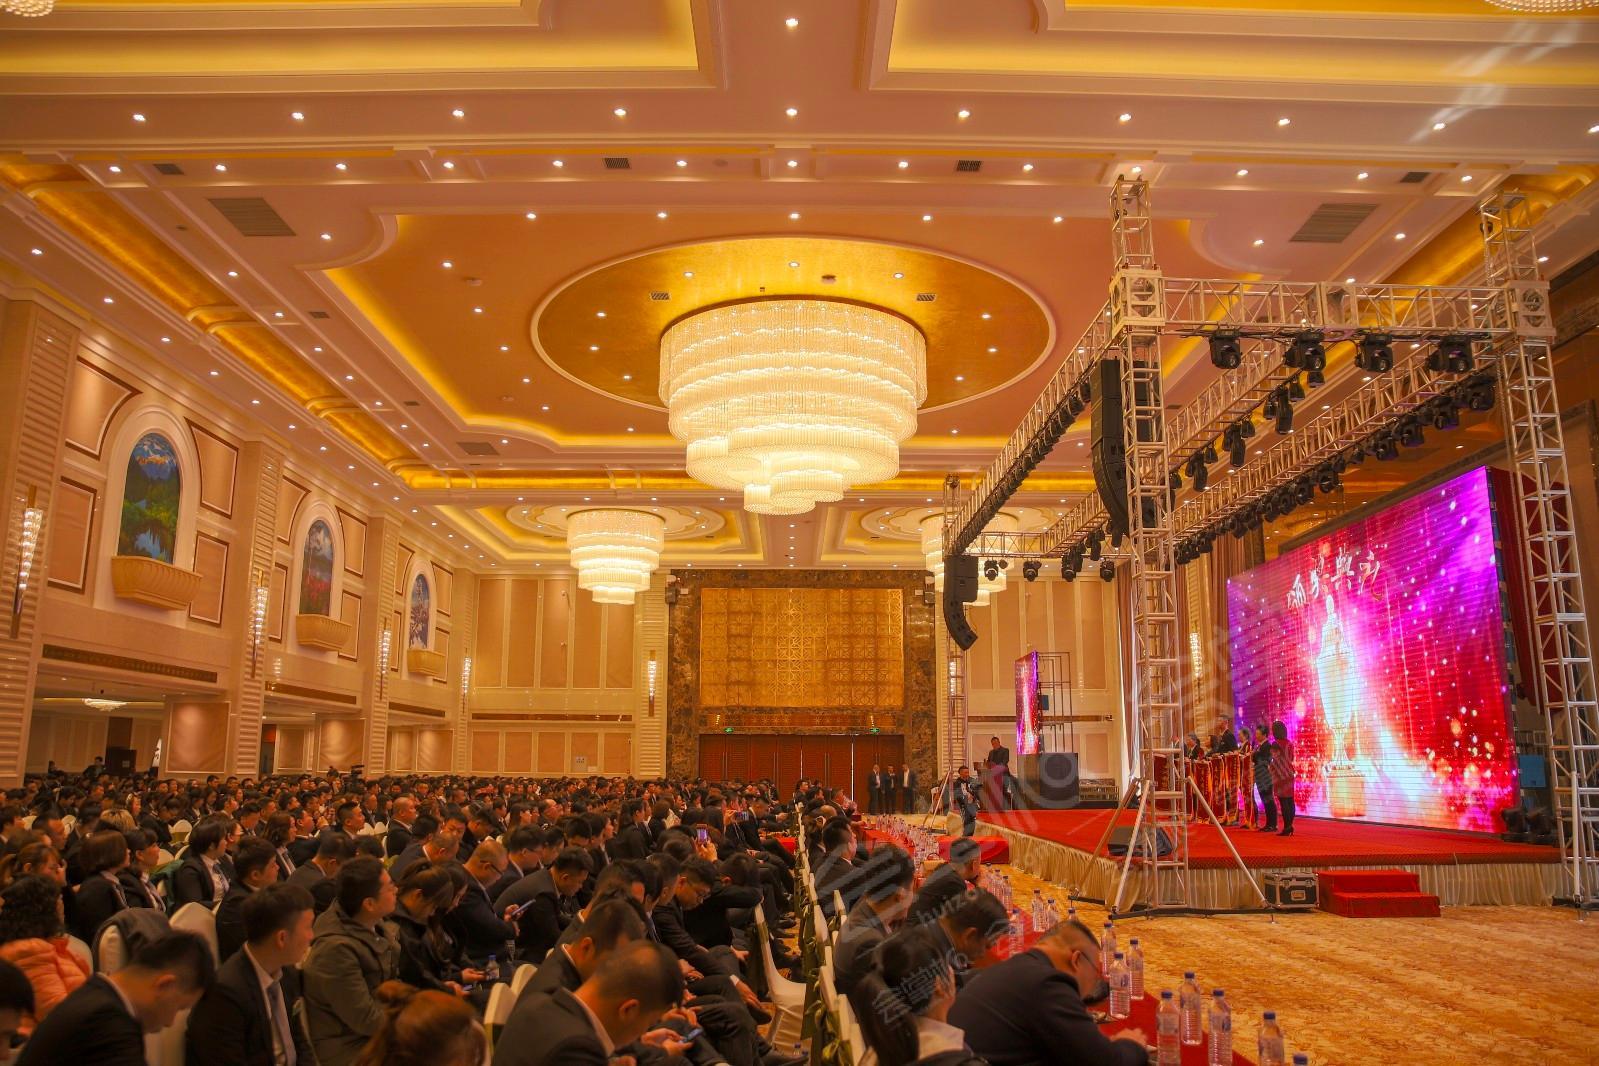 济南能容纳200-300人办活动的四星级酒店有哪些?